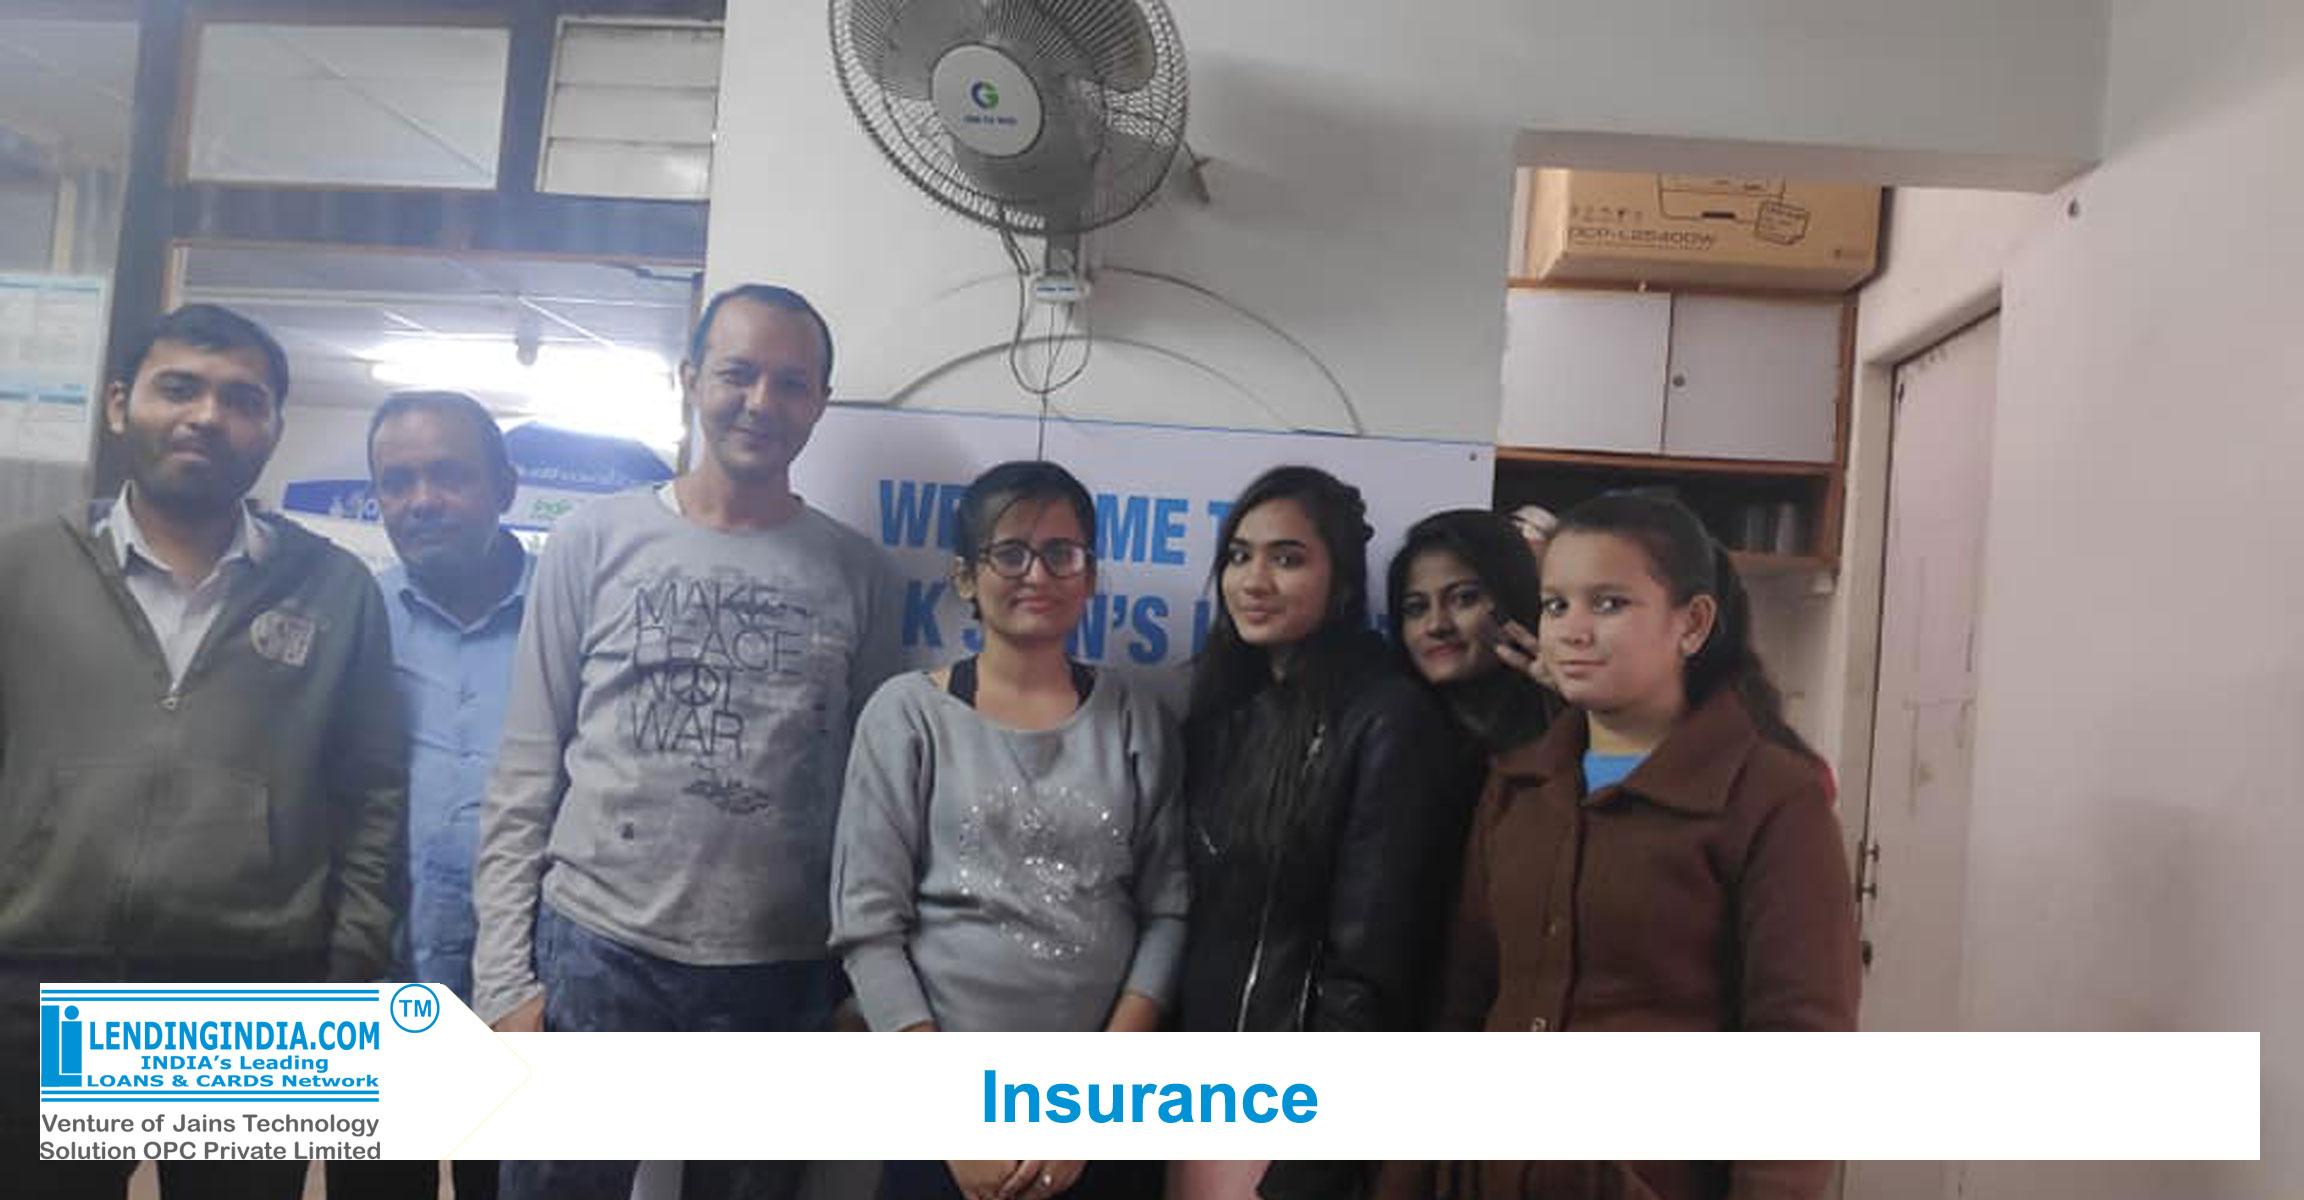 lending india insurance